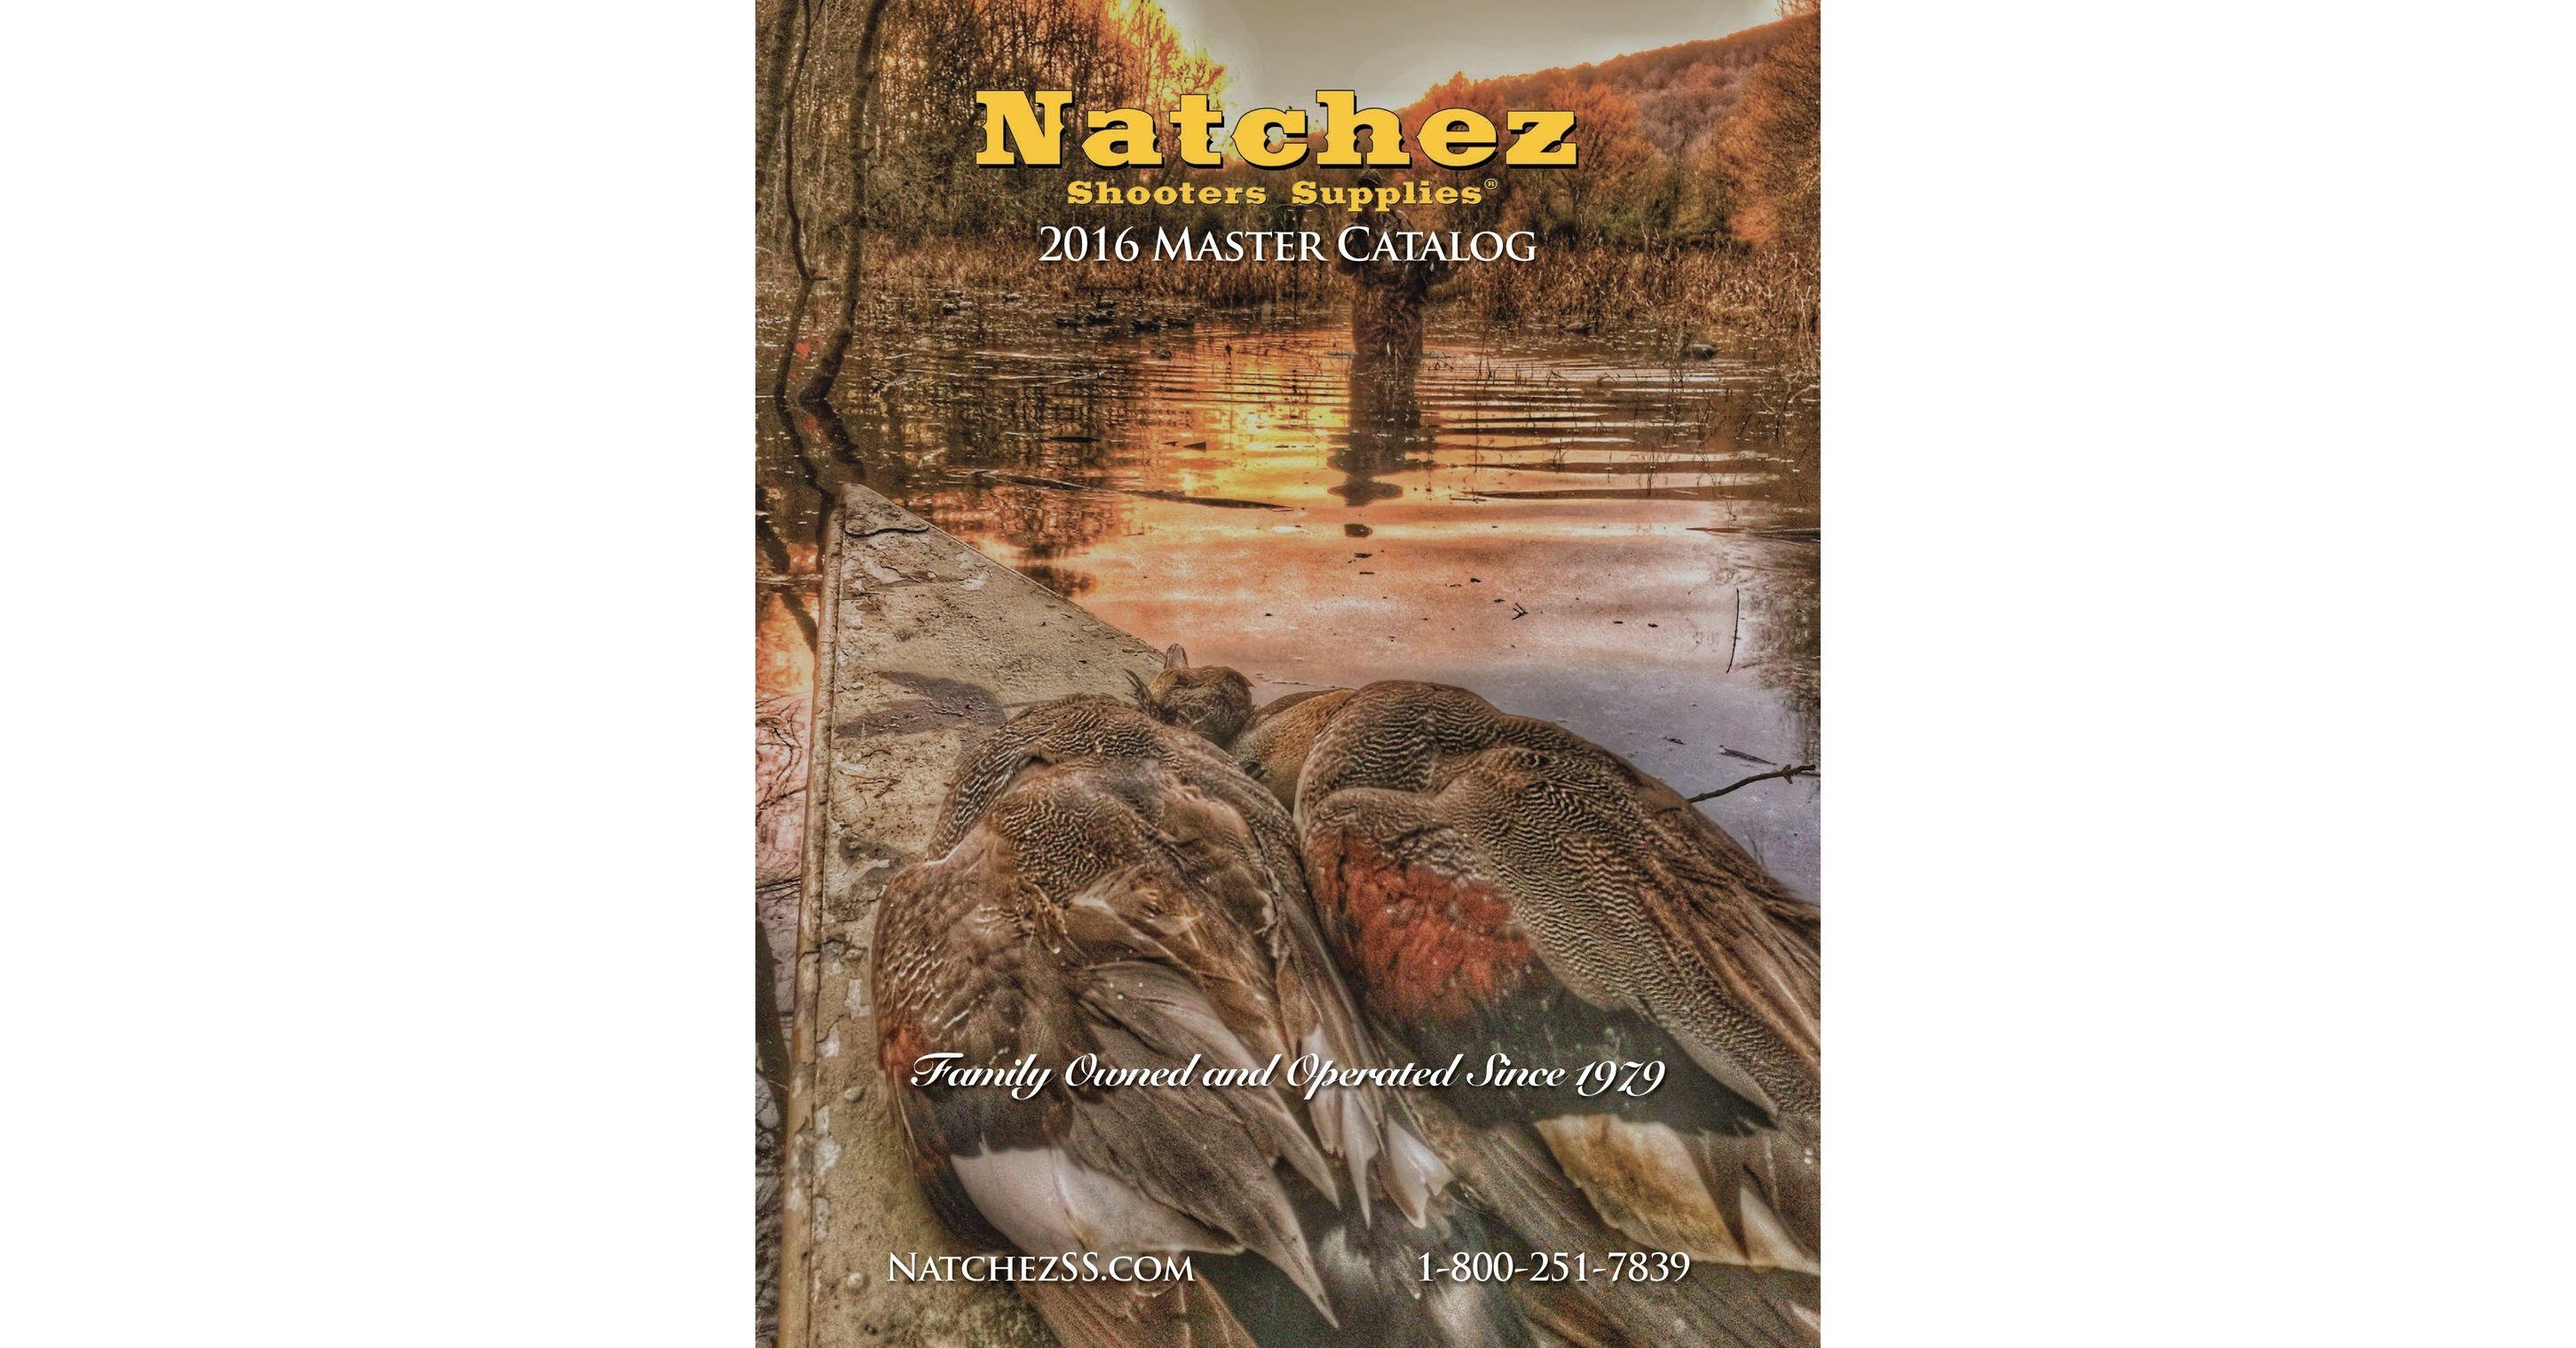 Natchez2016Catalog